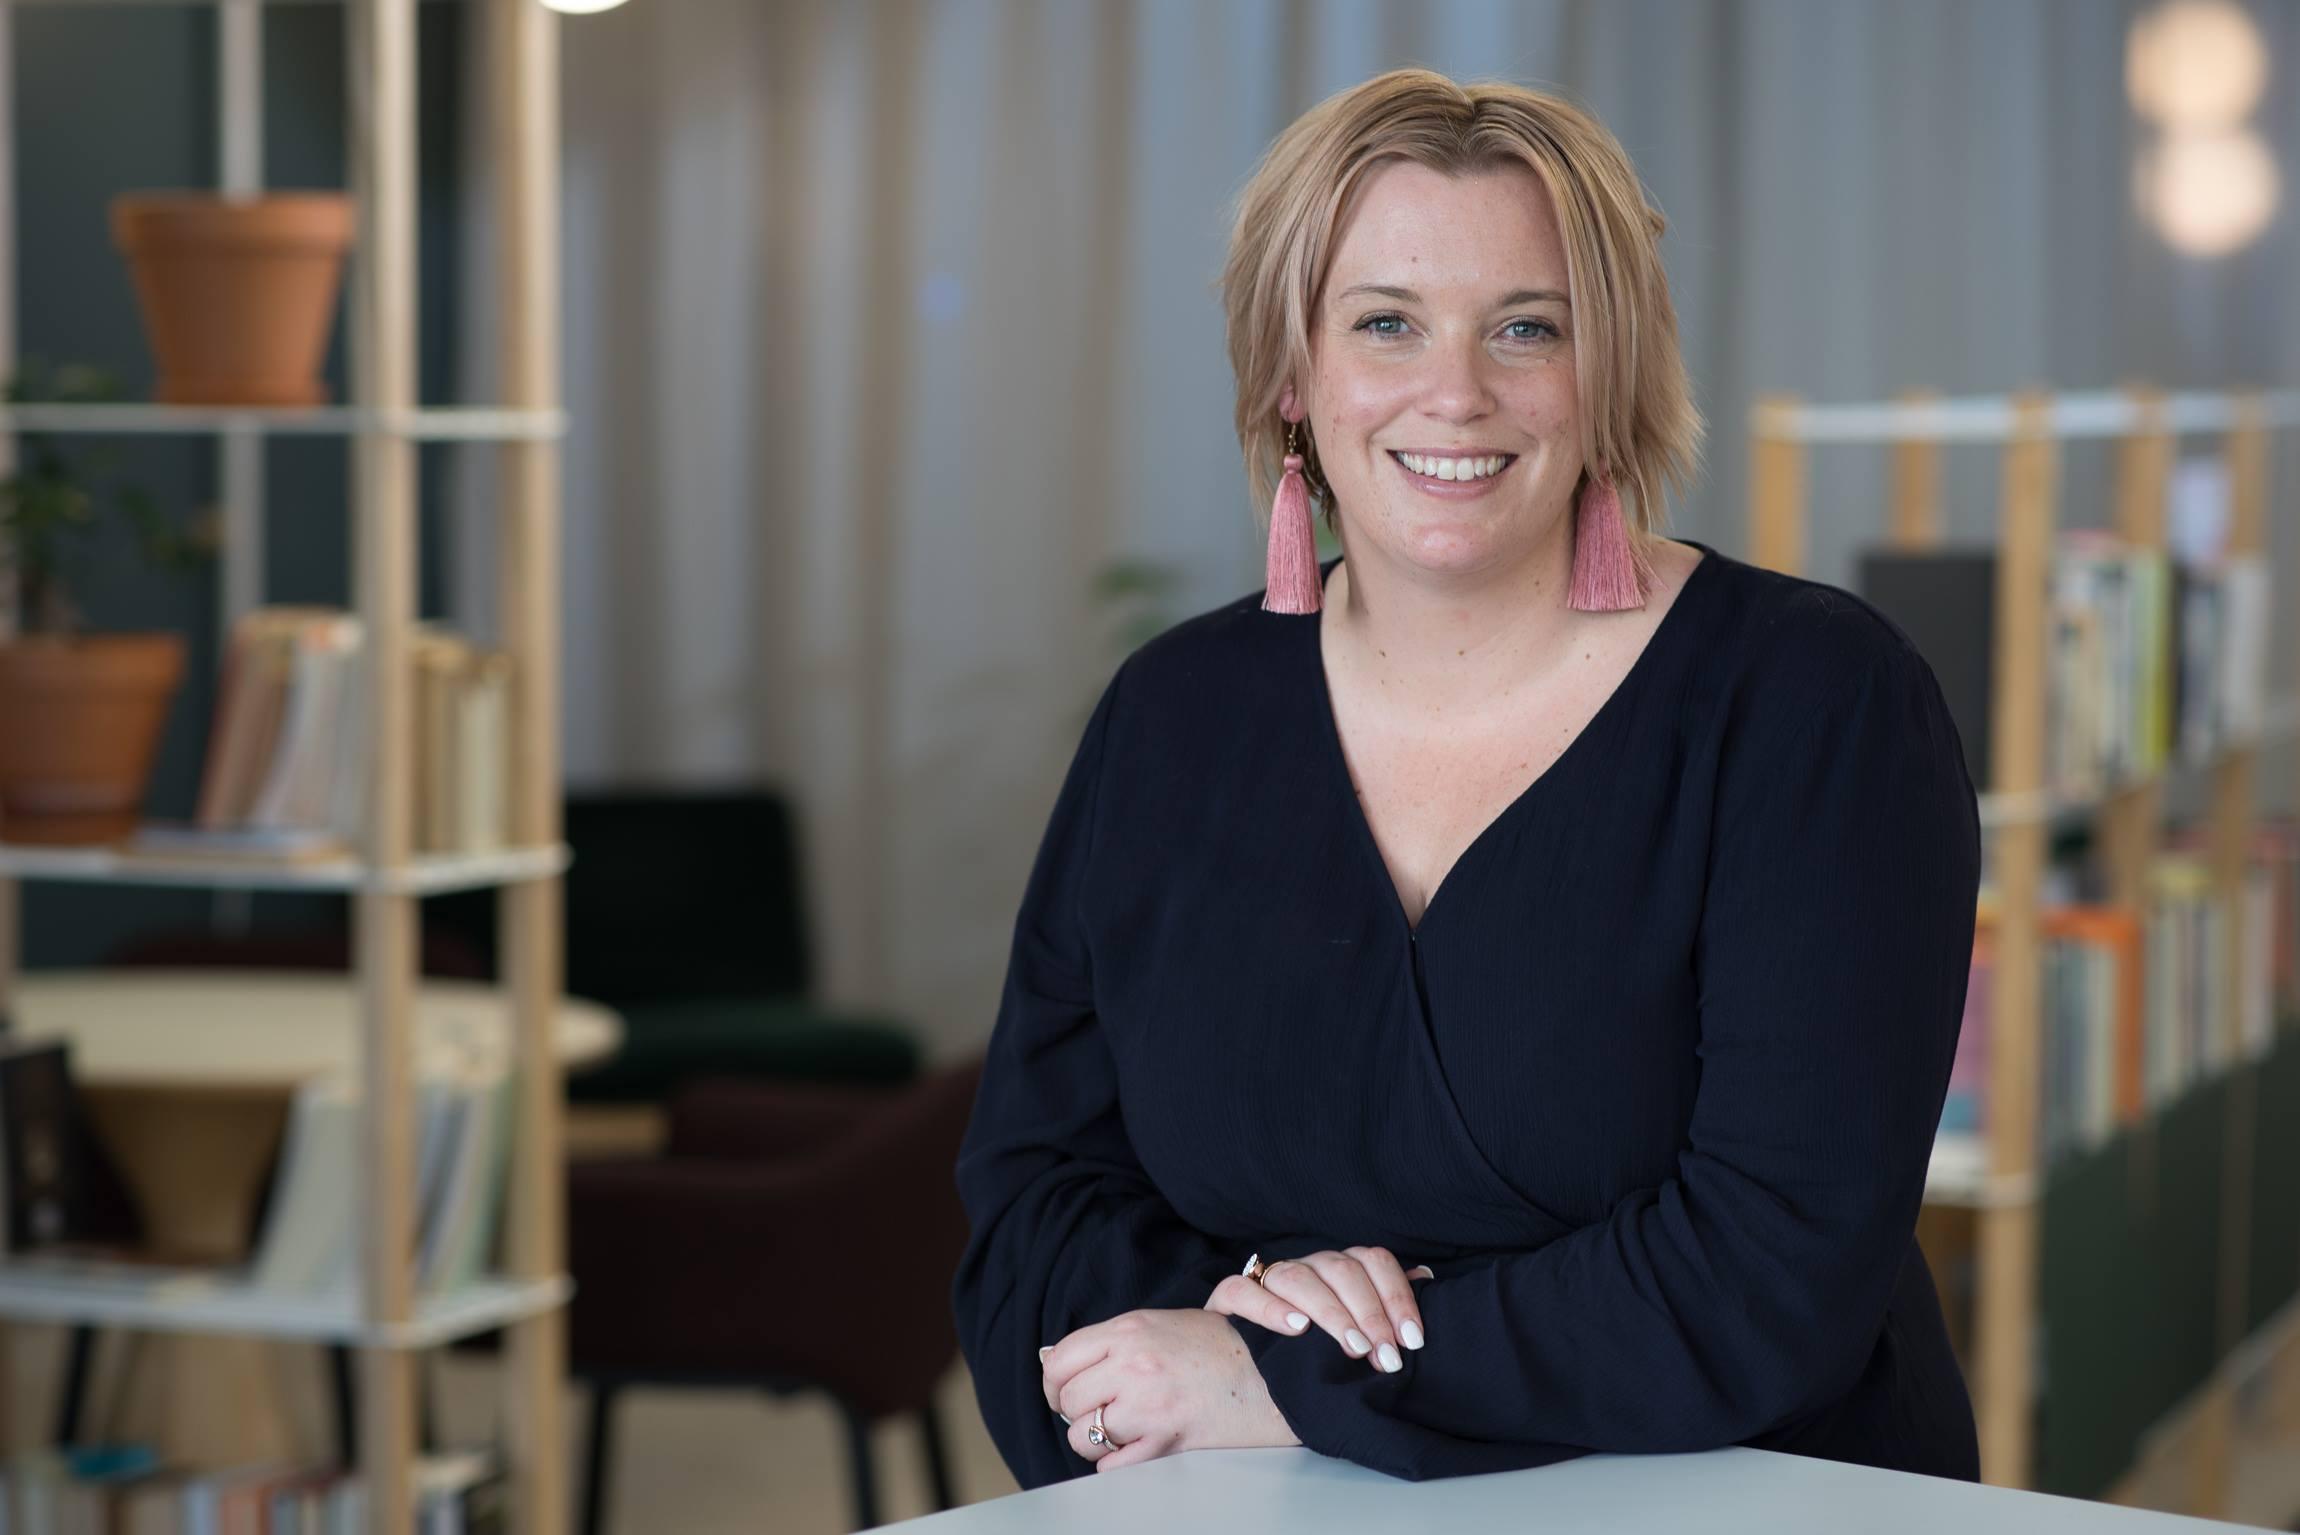 Jacinda Thorn, Partner at Delaney & Thorn Public Relations